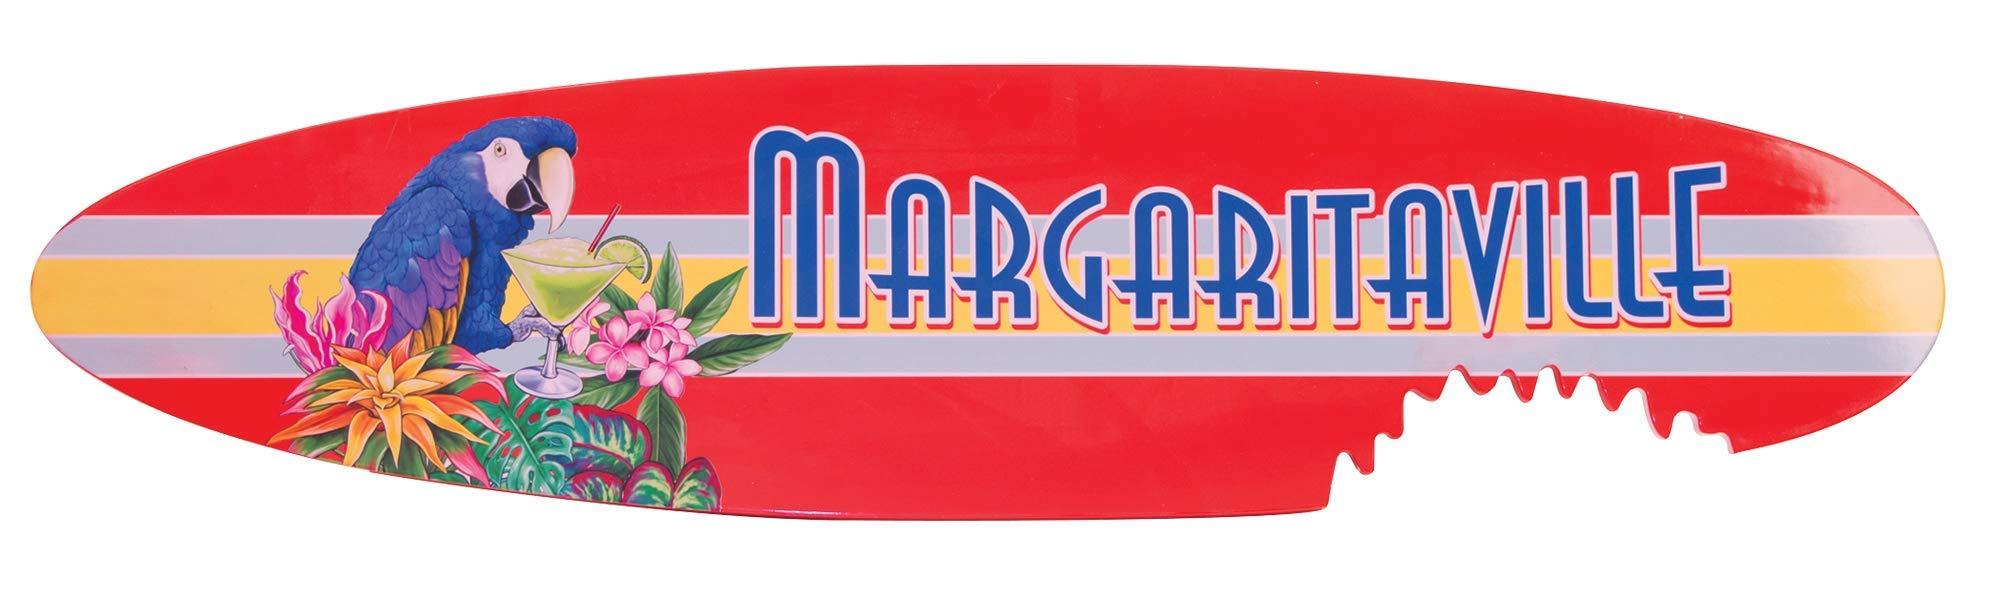 Margaritaville Outdoor Indoor/Outdoor Surfboard Shark Bite Garden Sign Wooden Wall Art, Margaritaville